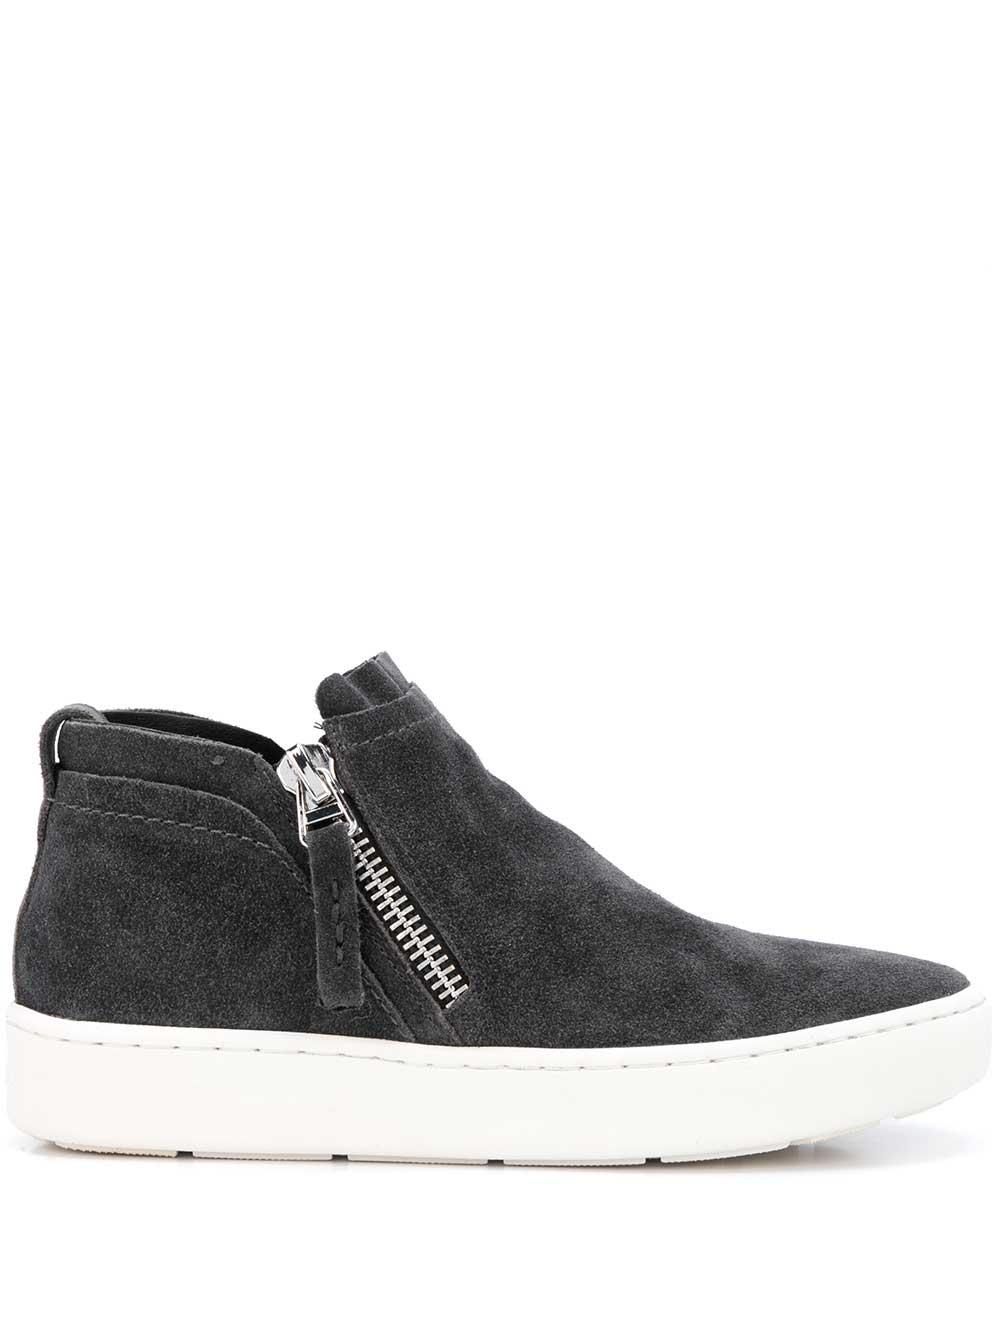 Suede Zip Sneaker Item # TOBEE